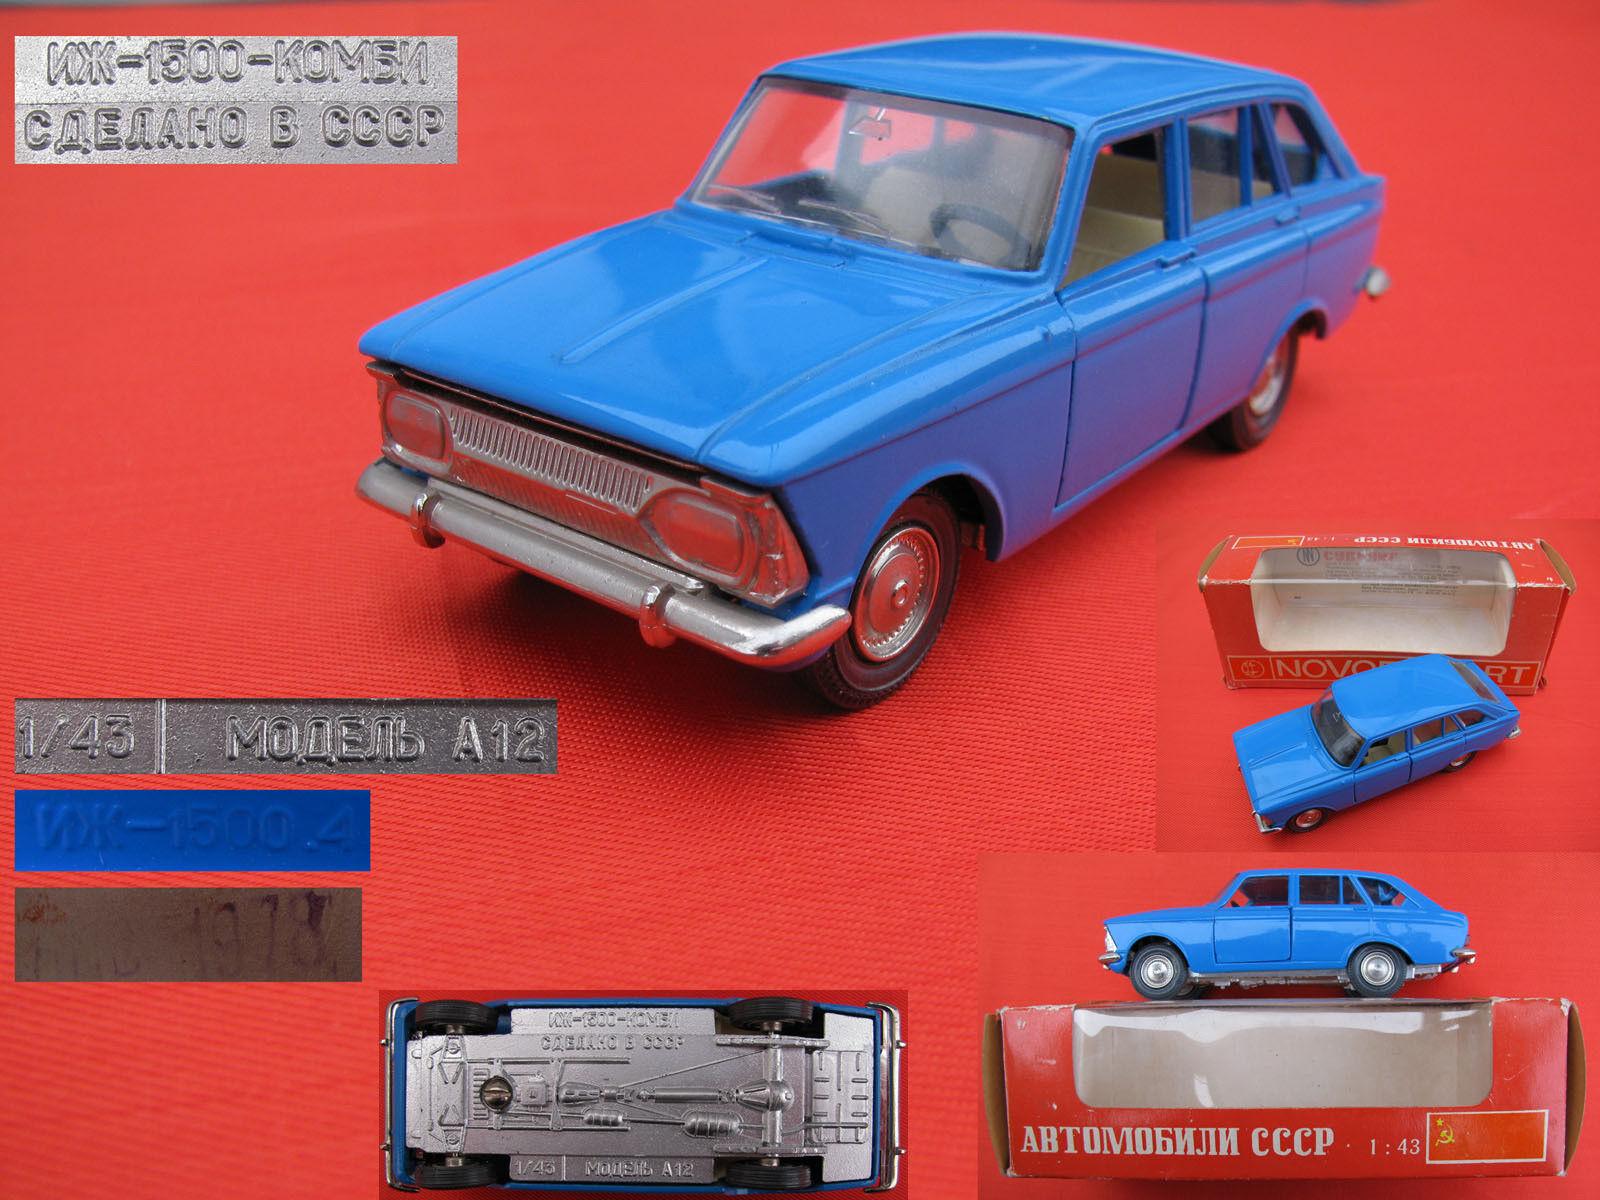 VINTAGE URSS voiture 1978 S MOSKVICH IZH 1500 Combi Modèle 1 43 A12 soviétique russe